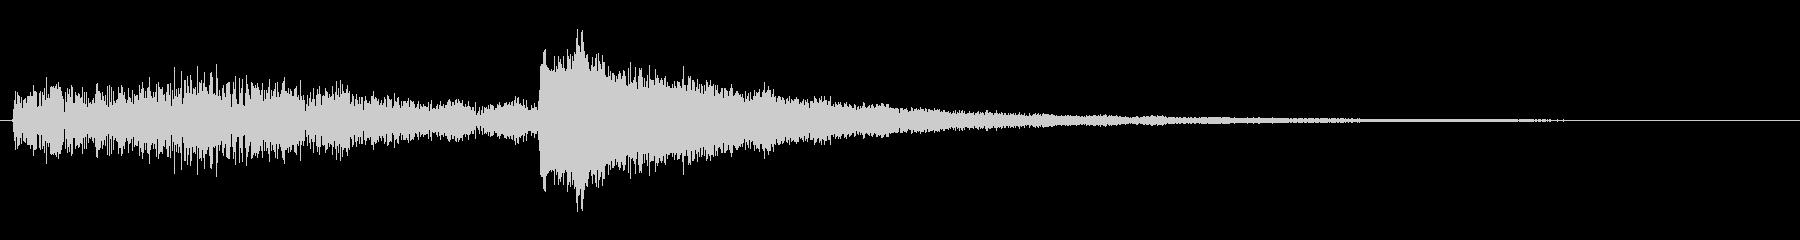 幻想的なシンセベル【サウンドロゴなど】の未再生の波形